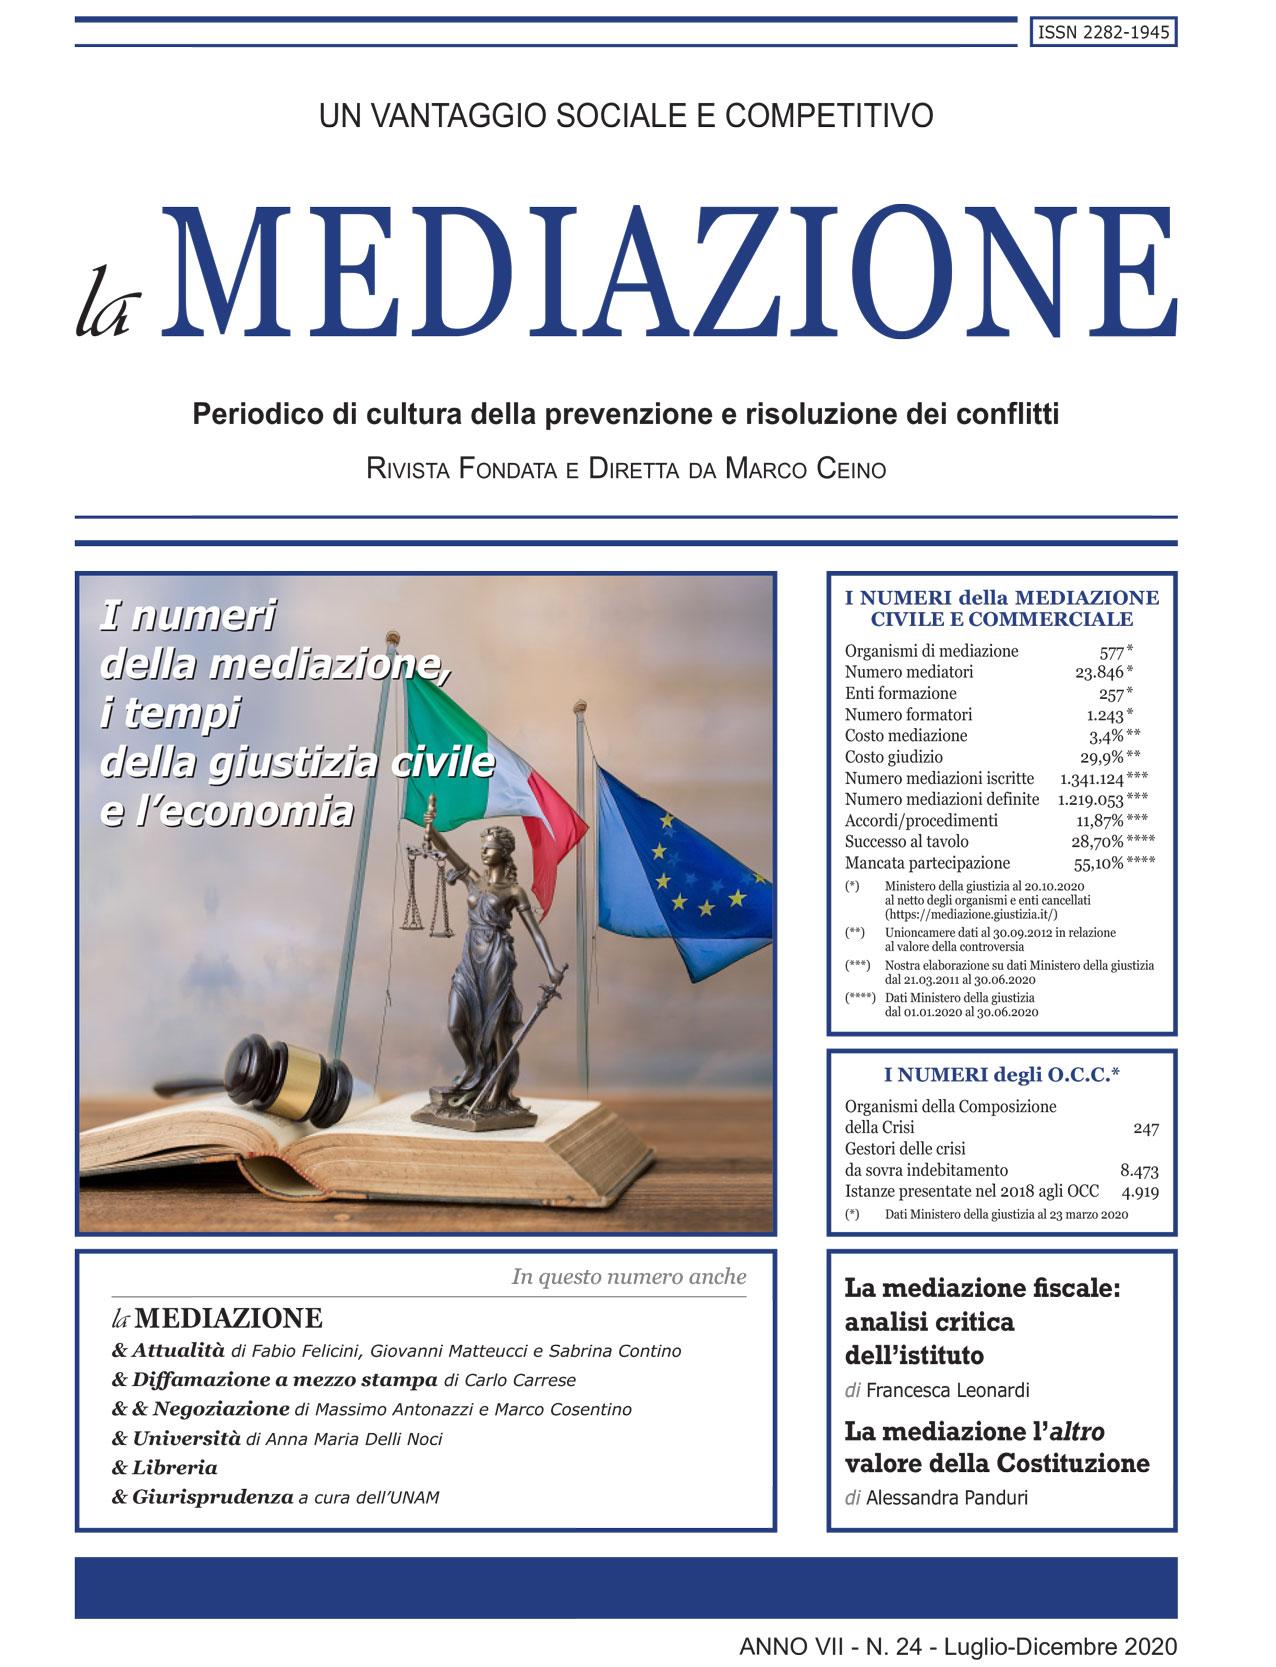 I numeri della mediazione, i tempi della giustizia civile e l'economia di Marco Ceino